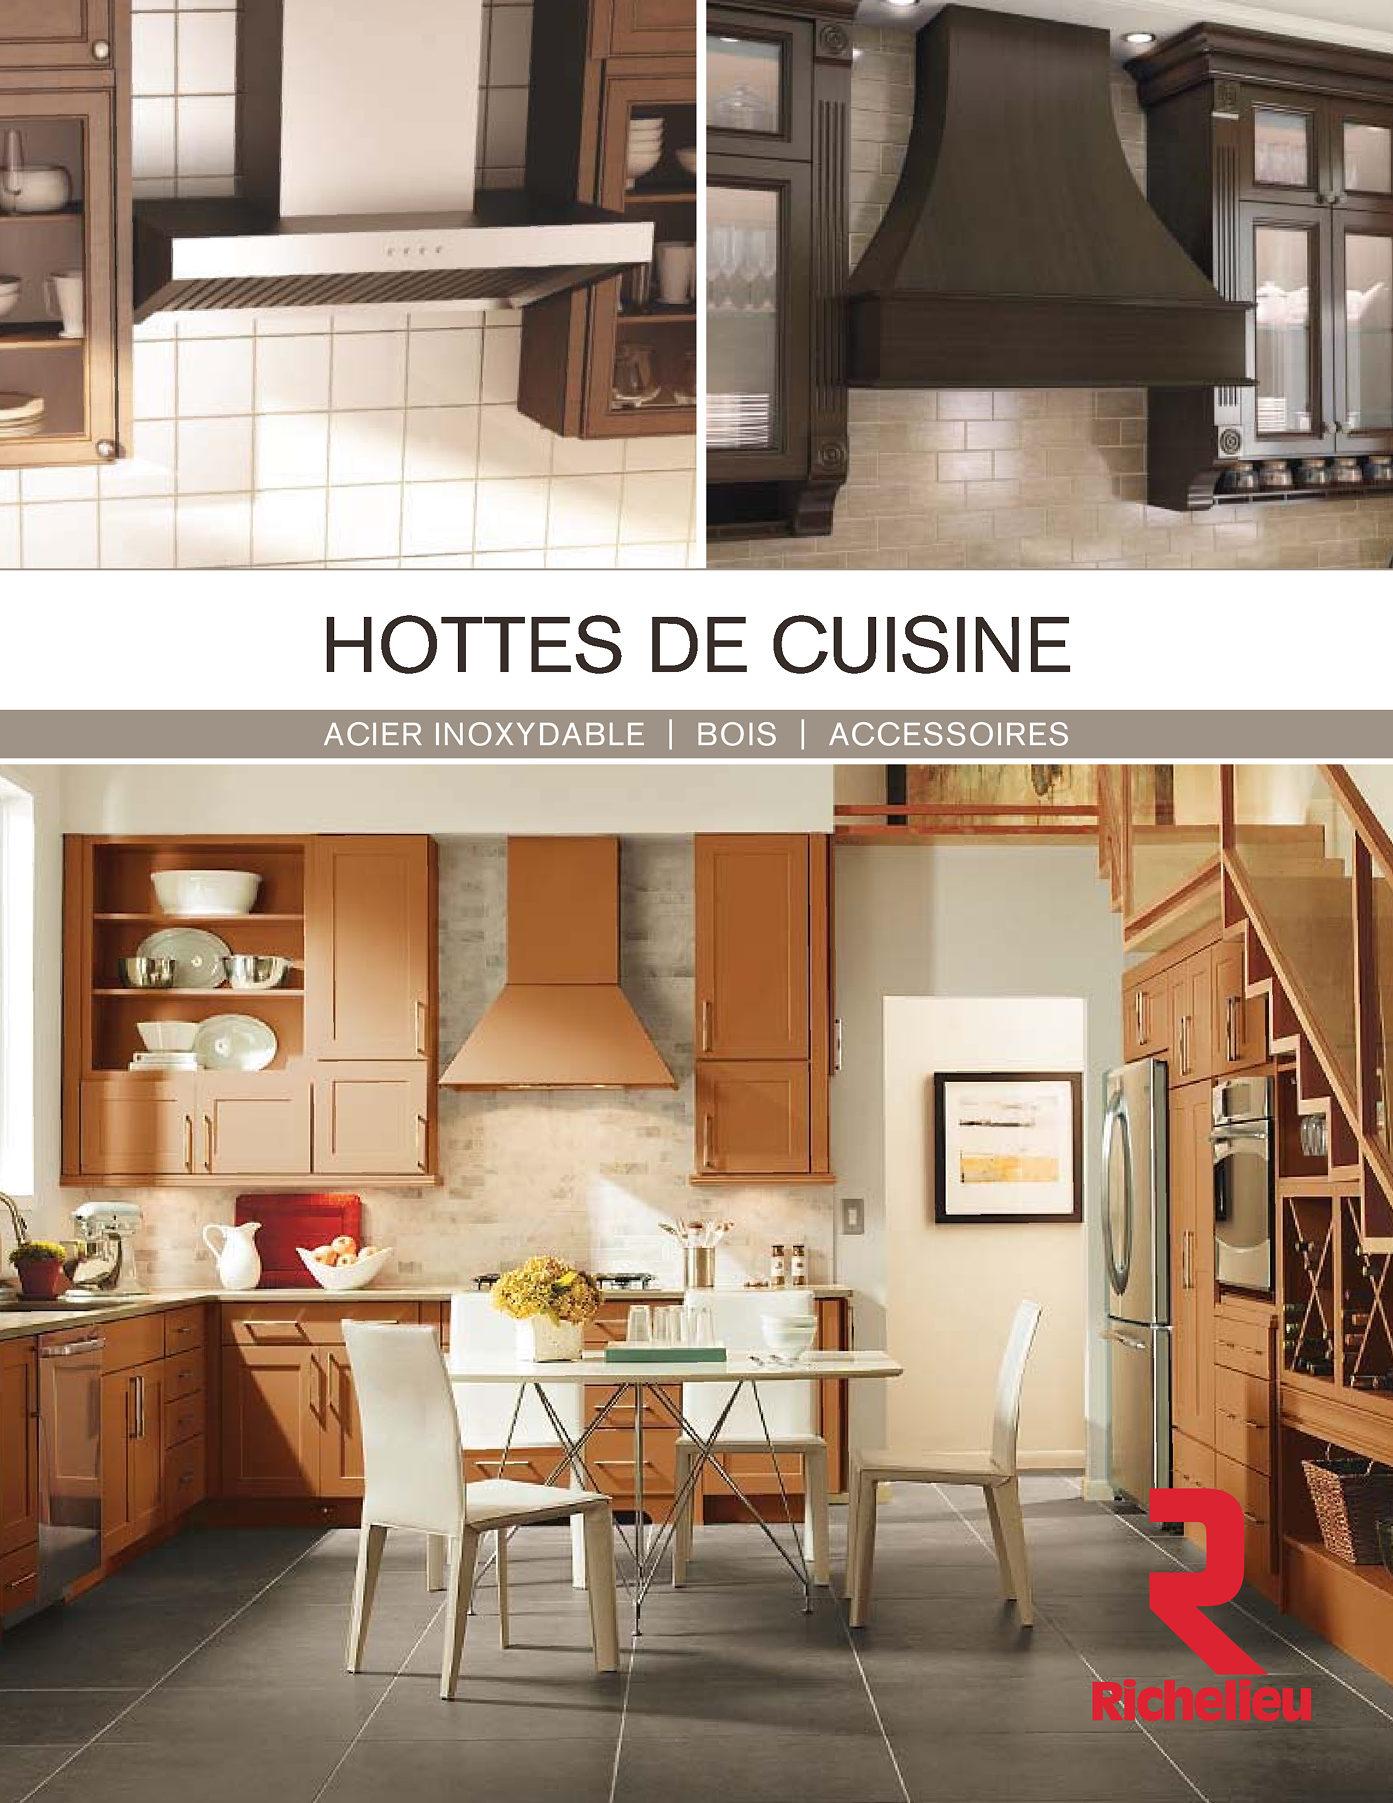 Librairie des catalogues richelieu hottes de cuisine for Catalogue accessoires cuisine